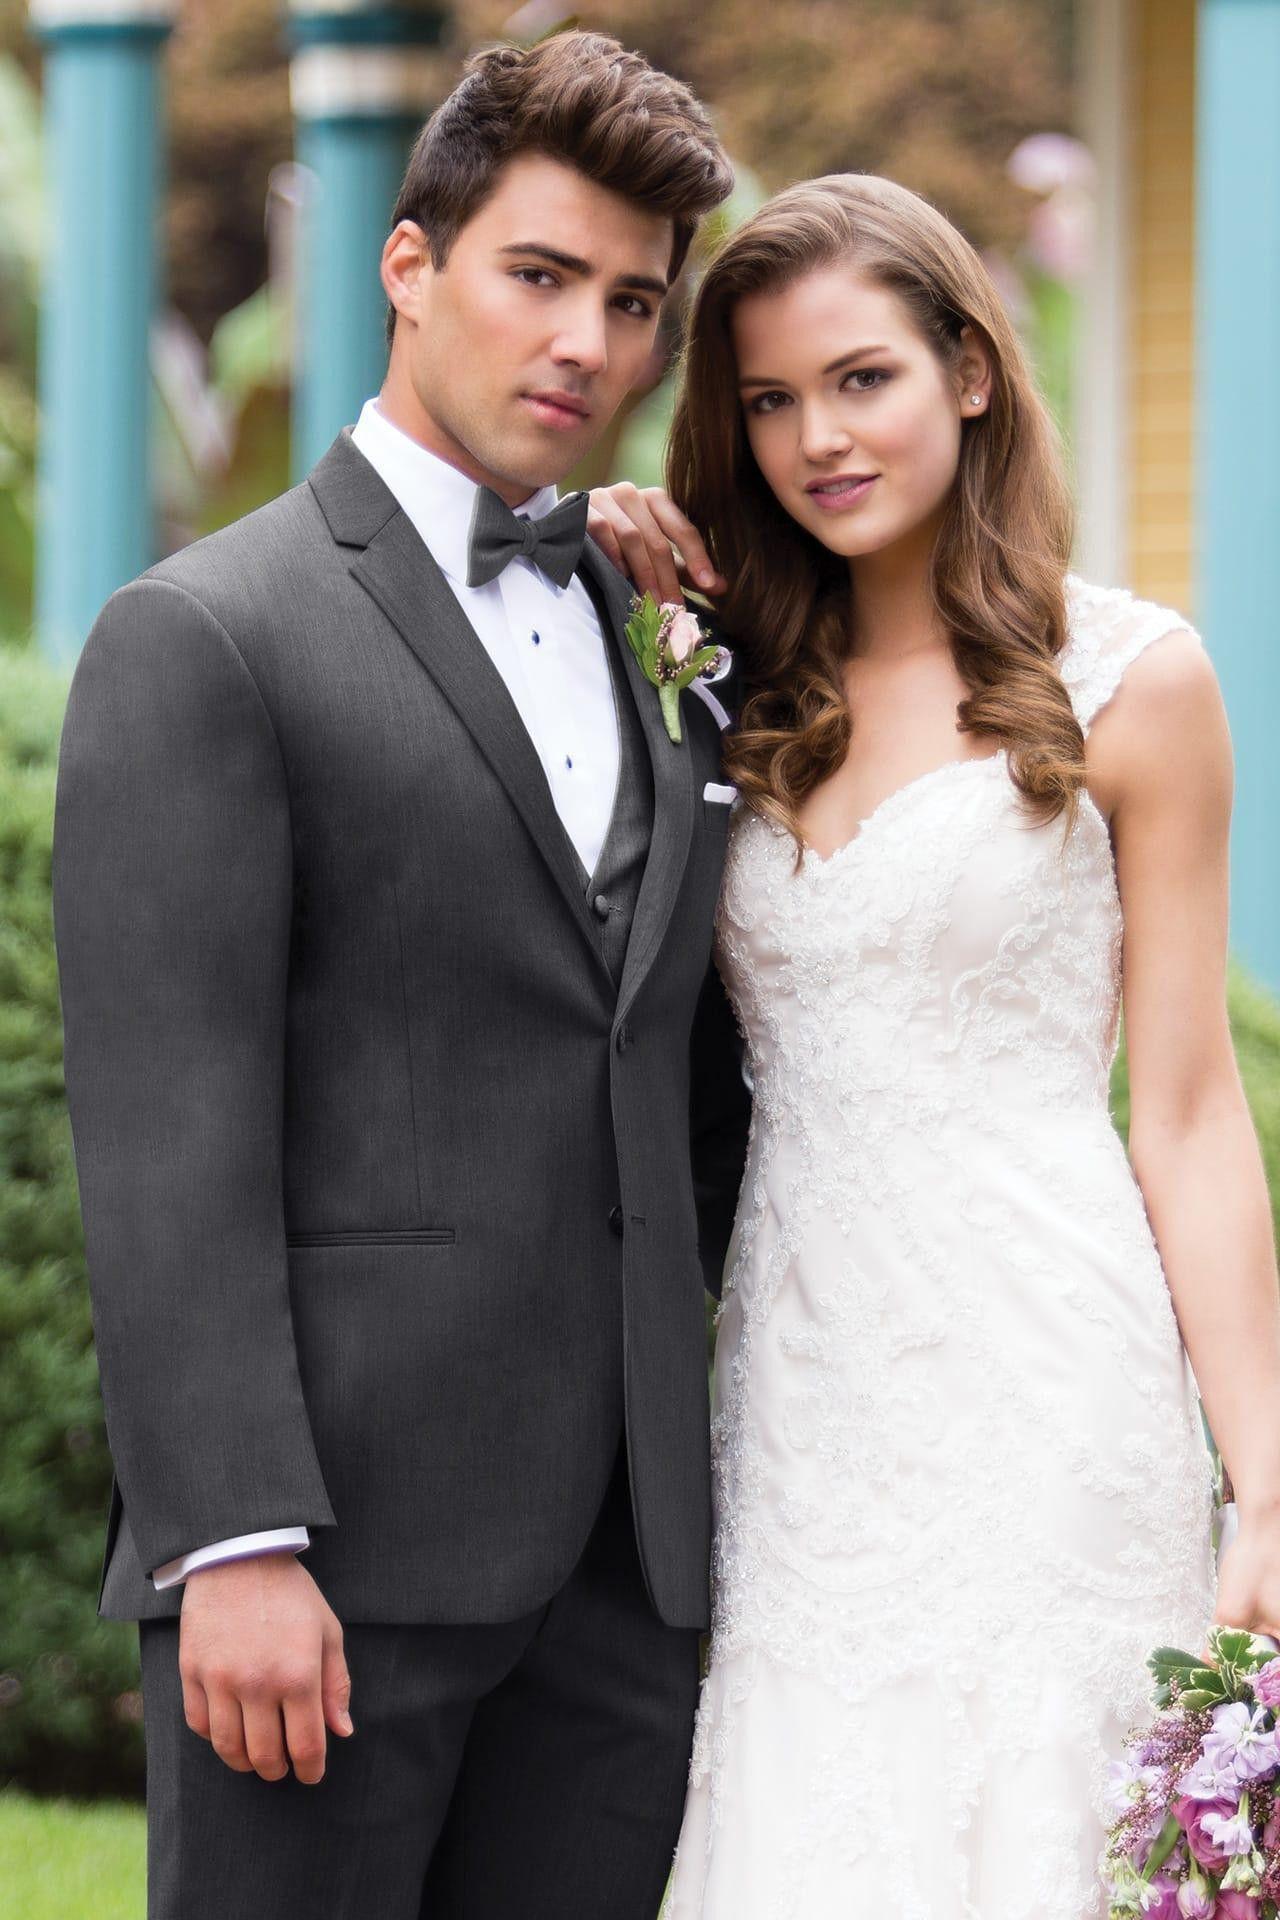 Steel grey sterling slim fit wedding suit michael kors style